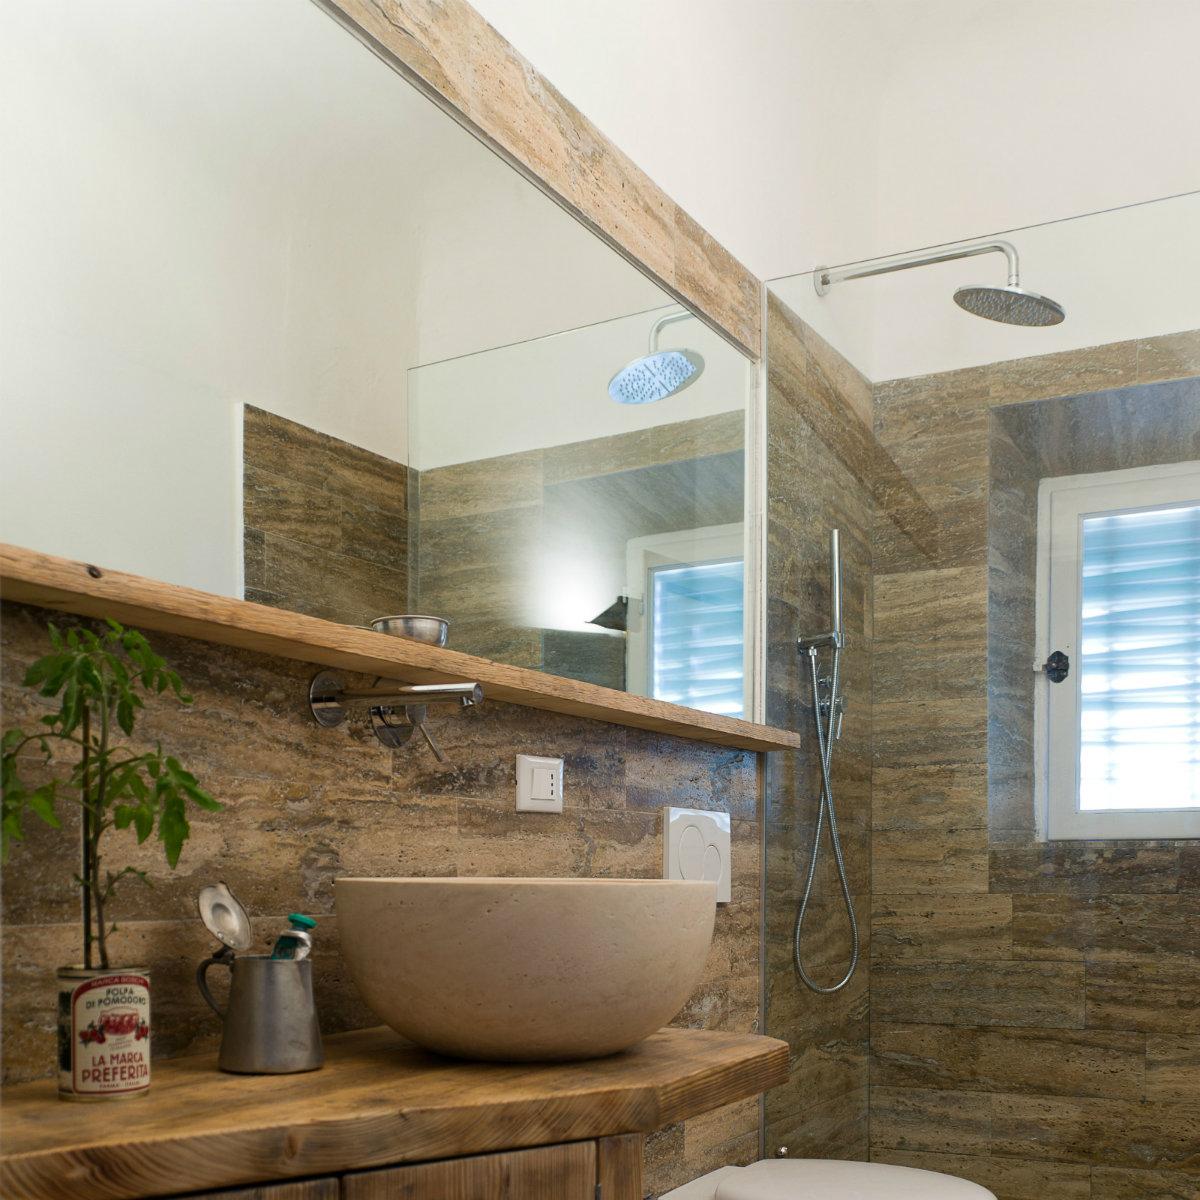 Porte a libro in vetro per interni prezzi - Pavimento in legno per bagno ...